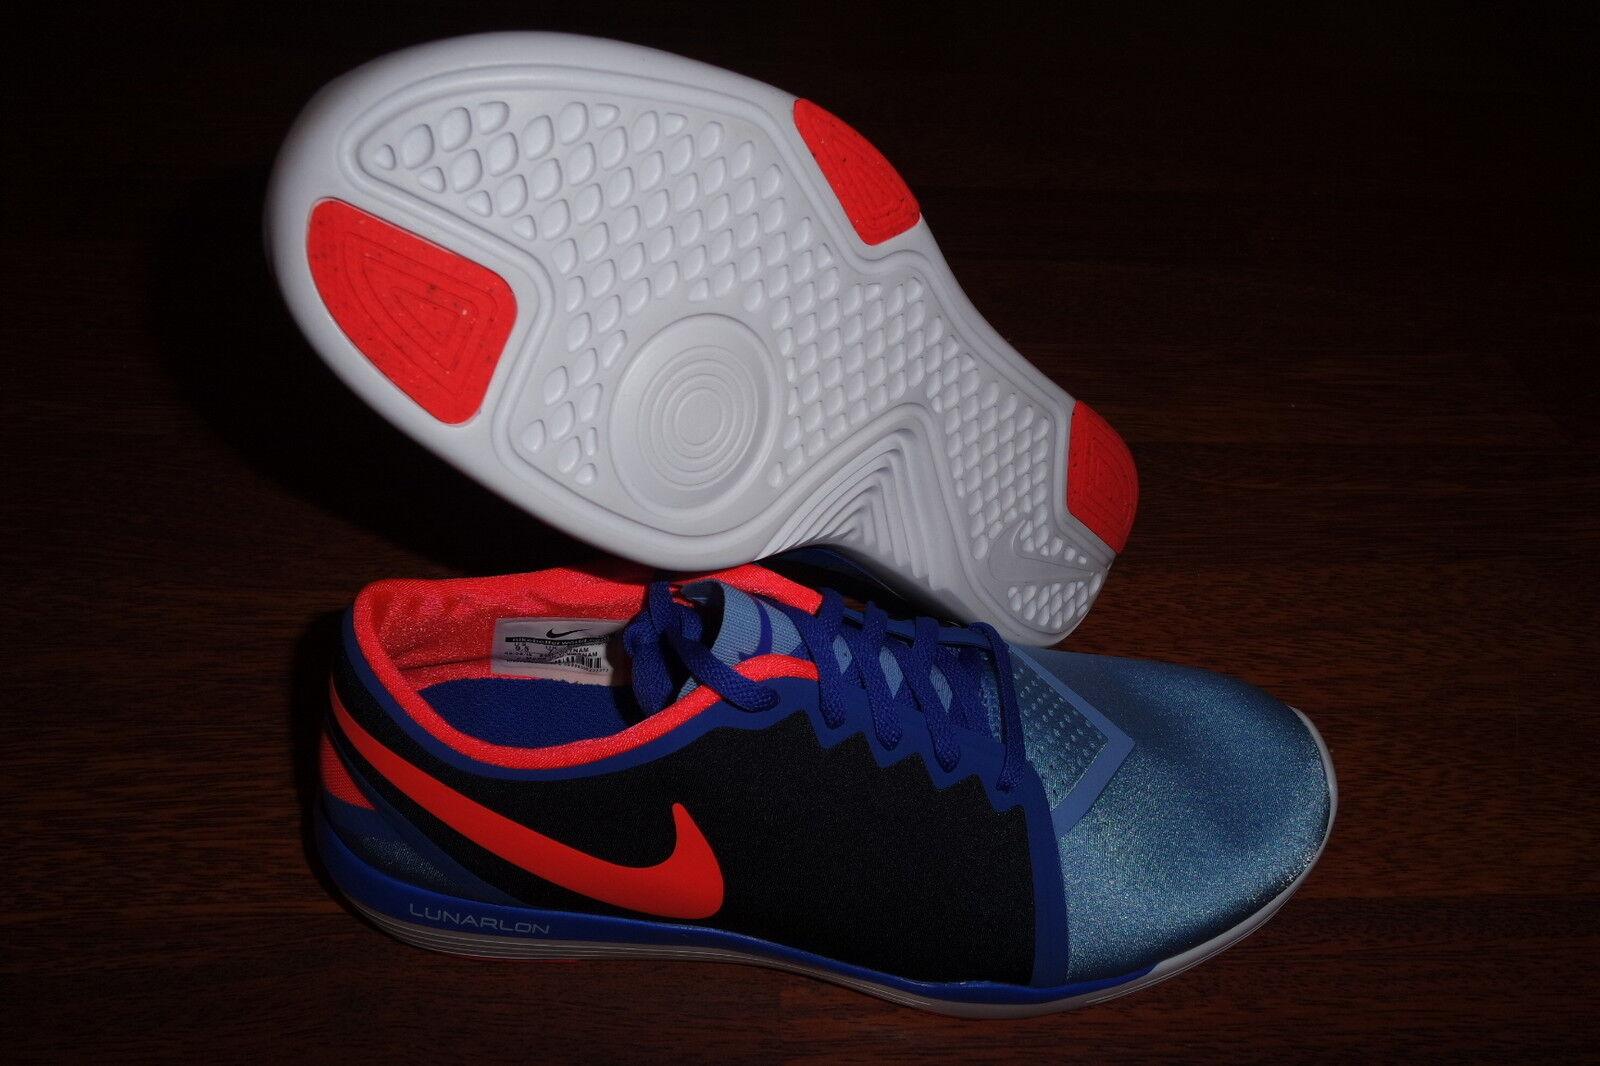 Nike Lunar Sculpt Running Training Chaussures 100 818062 400 femmes US SZ 9.5 NEW